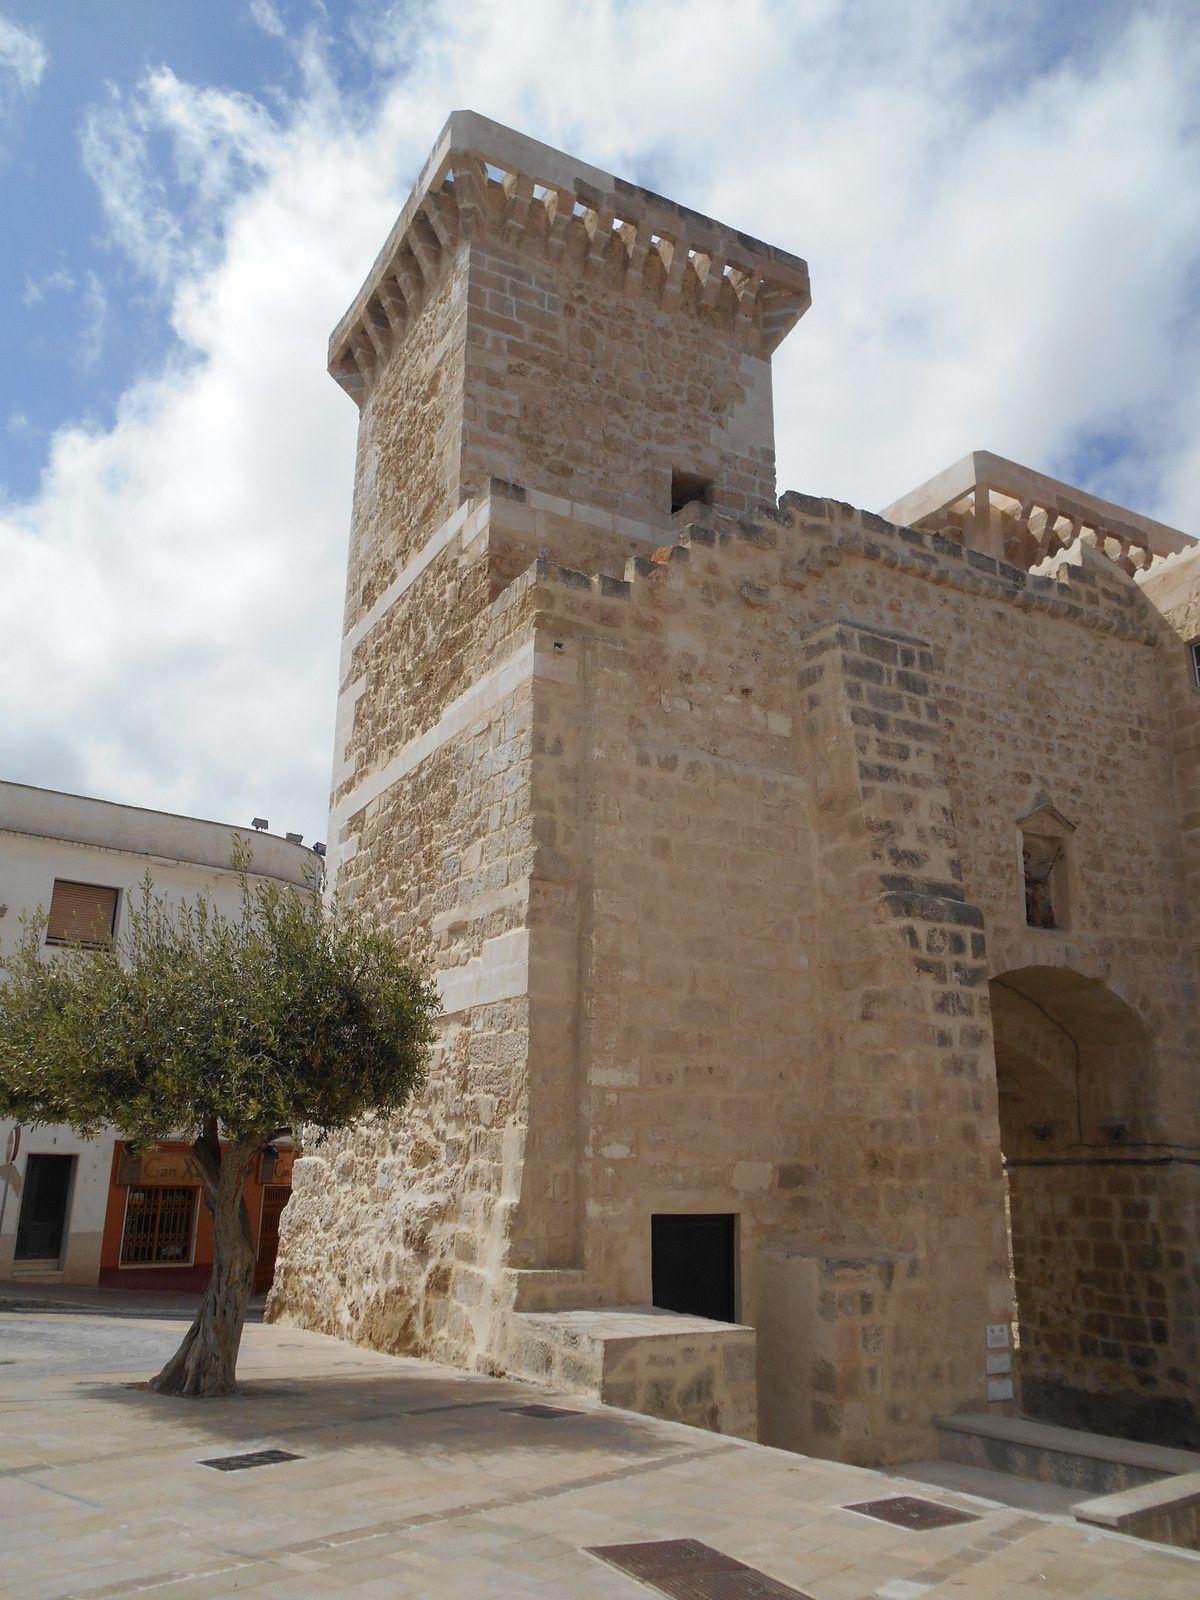 Construite au XIVème siècle, elle reste le dernier vestige des anciennes murailles de la cité....